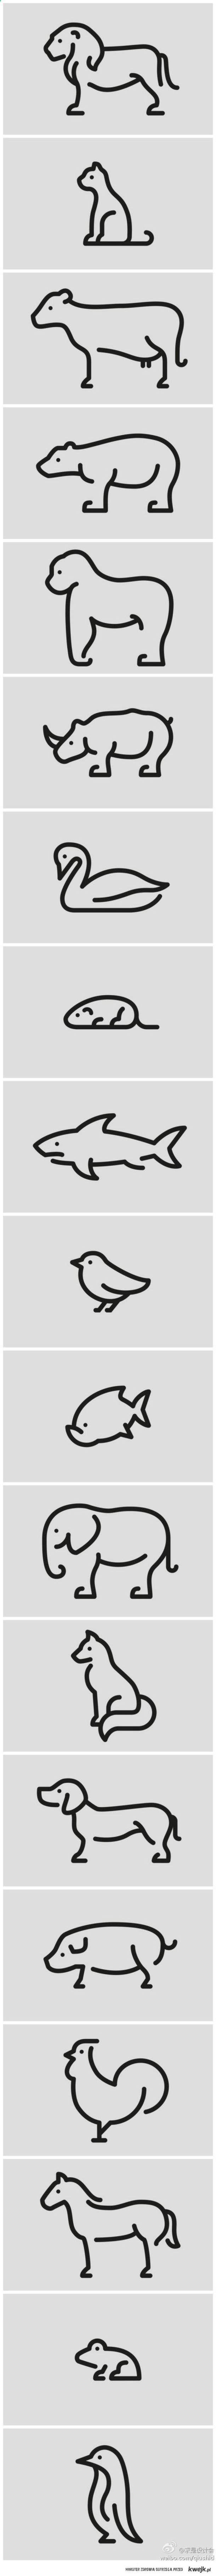 Jak łatwo narysować zwierzęta